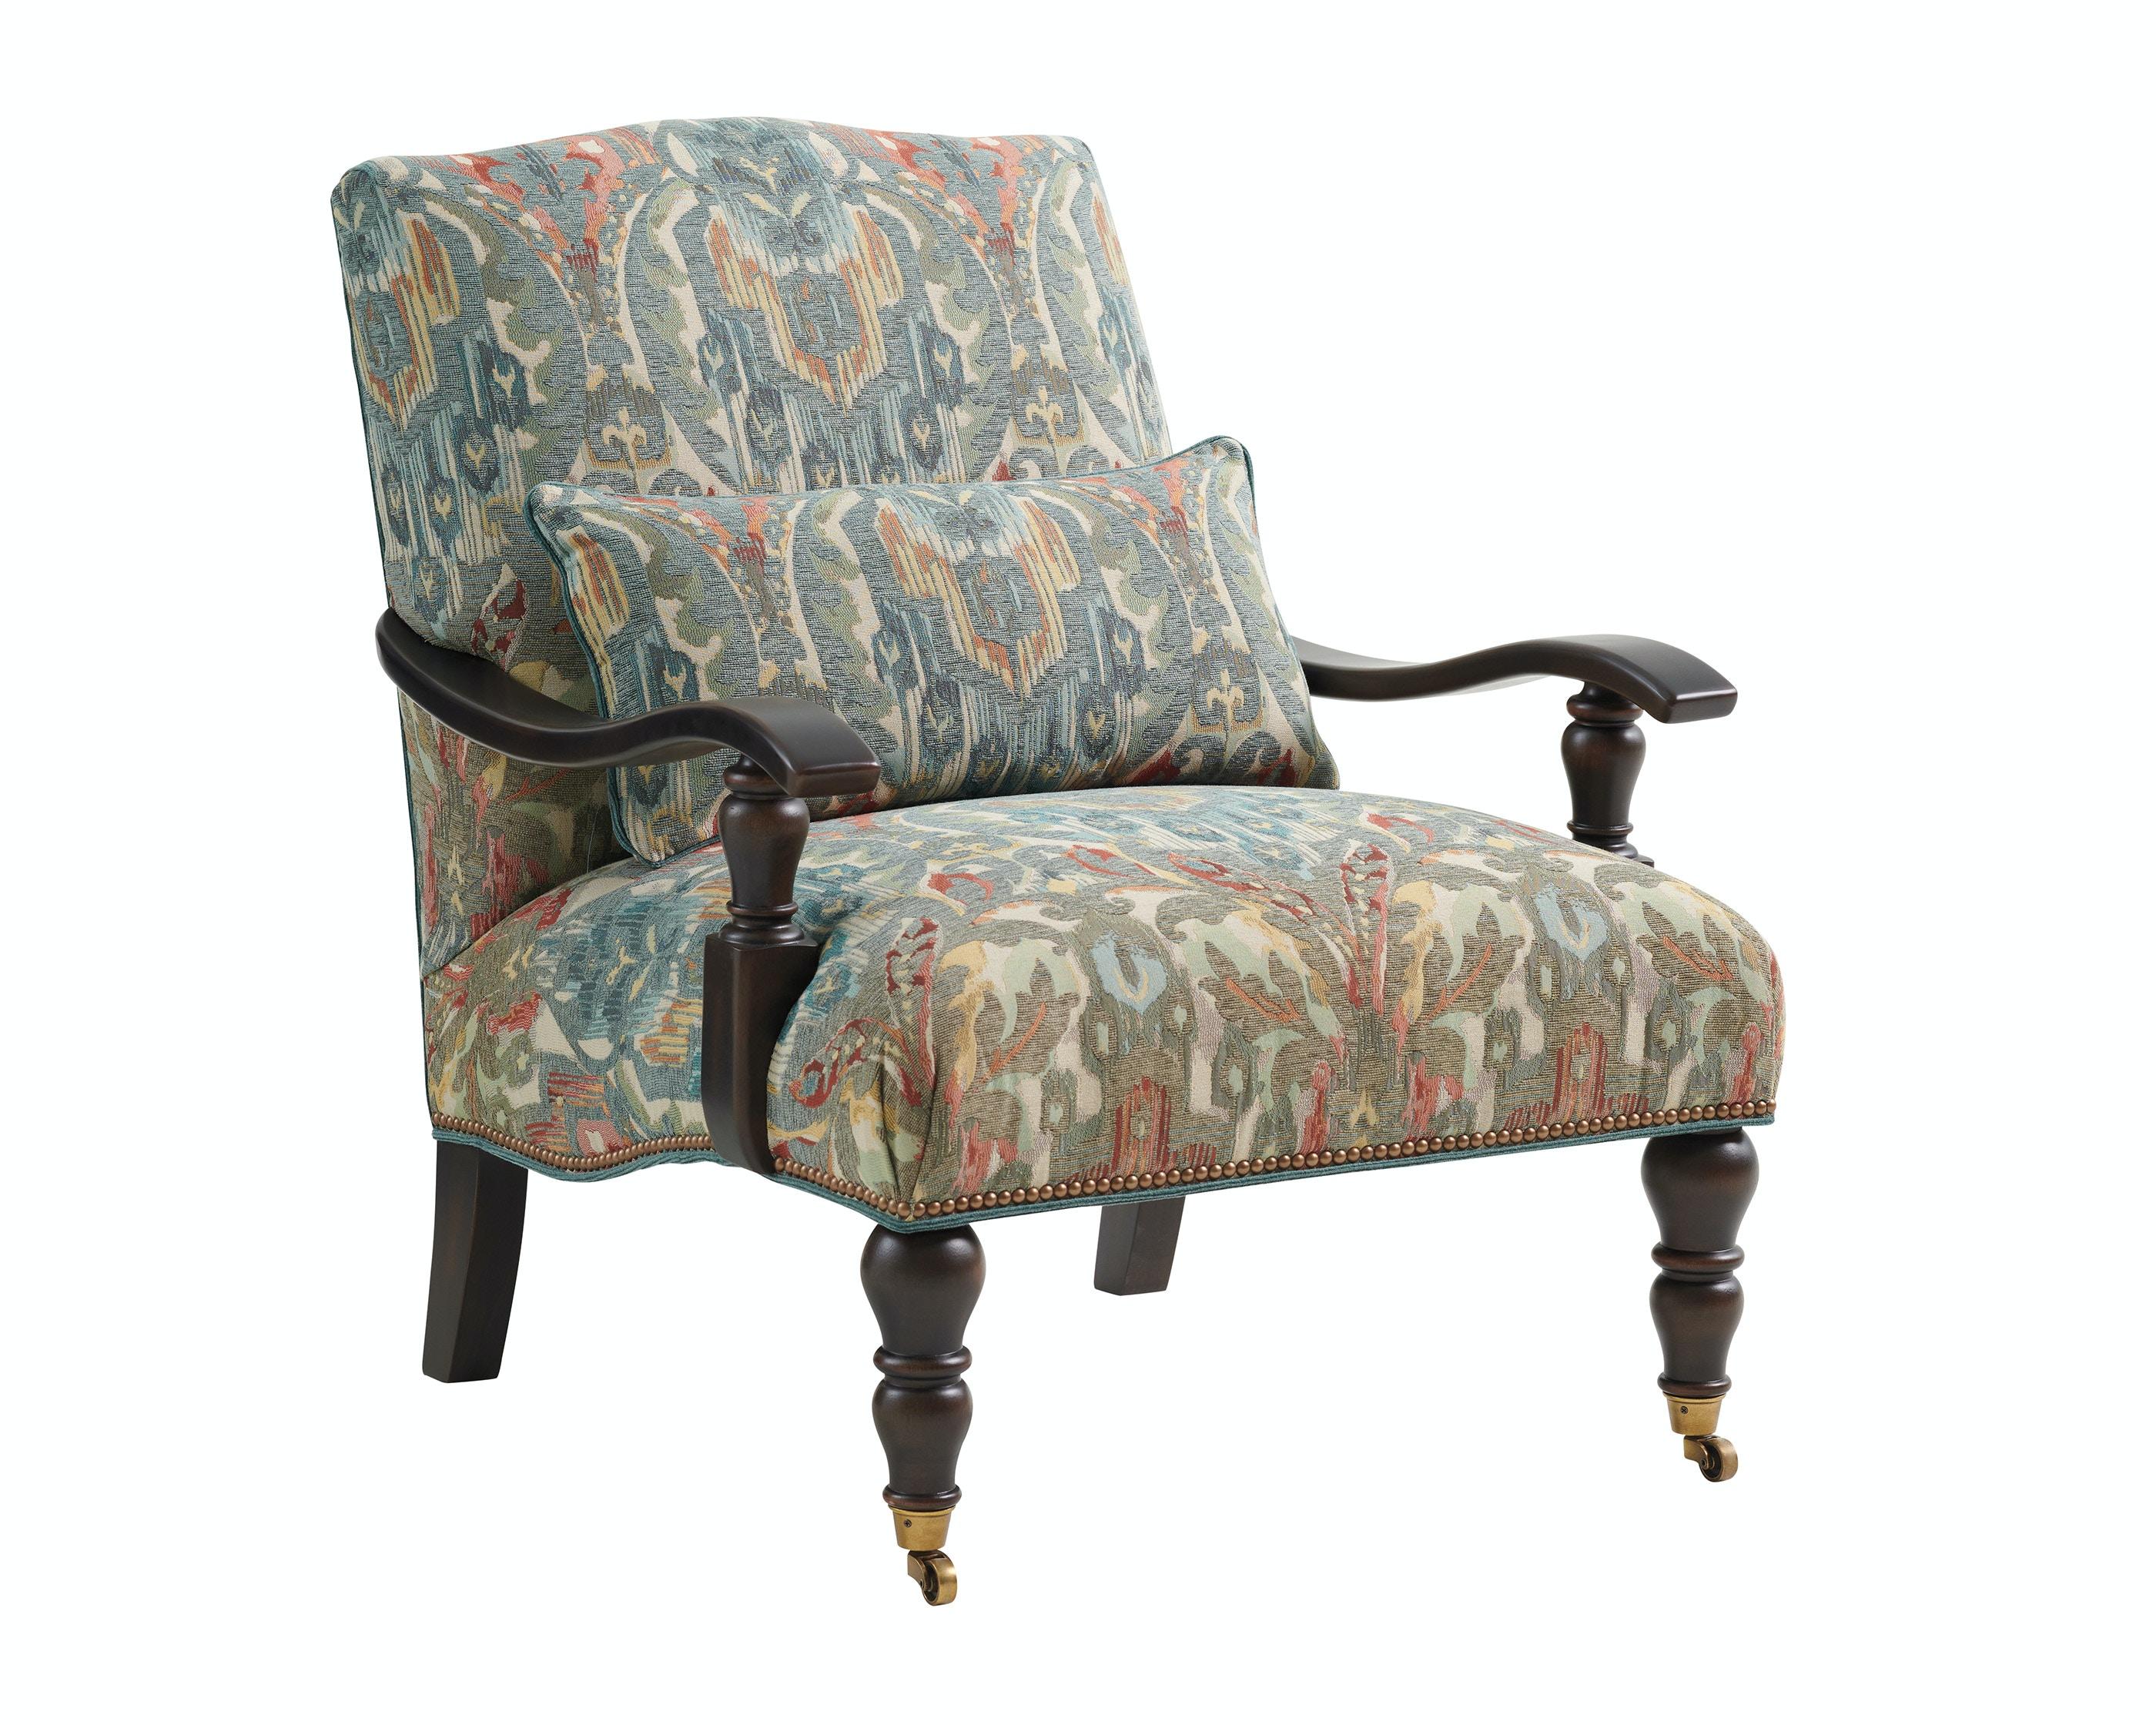 Lexington Living Room San Carlos Chair  sc 1 th 194 & Lexington Living Room San Carlos Chair 1667-11 - Gallatin Valley ...